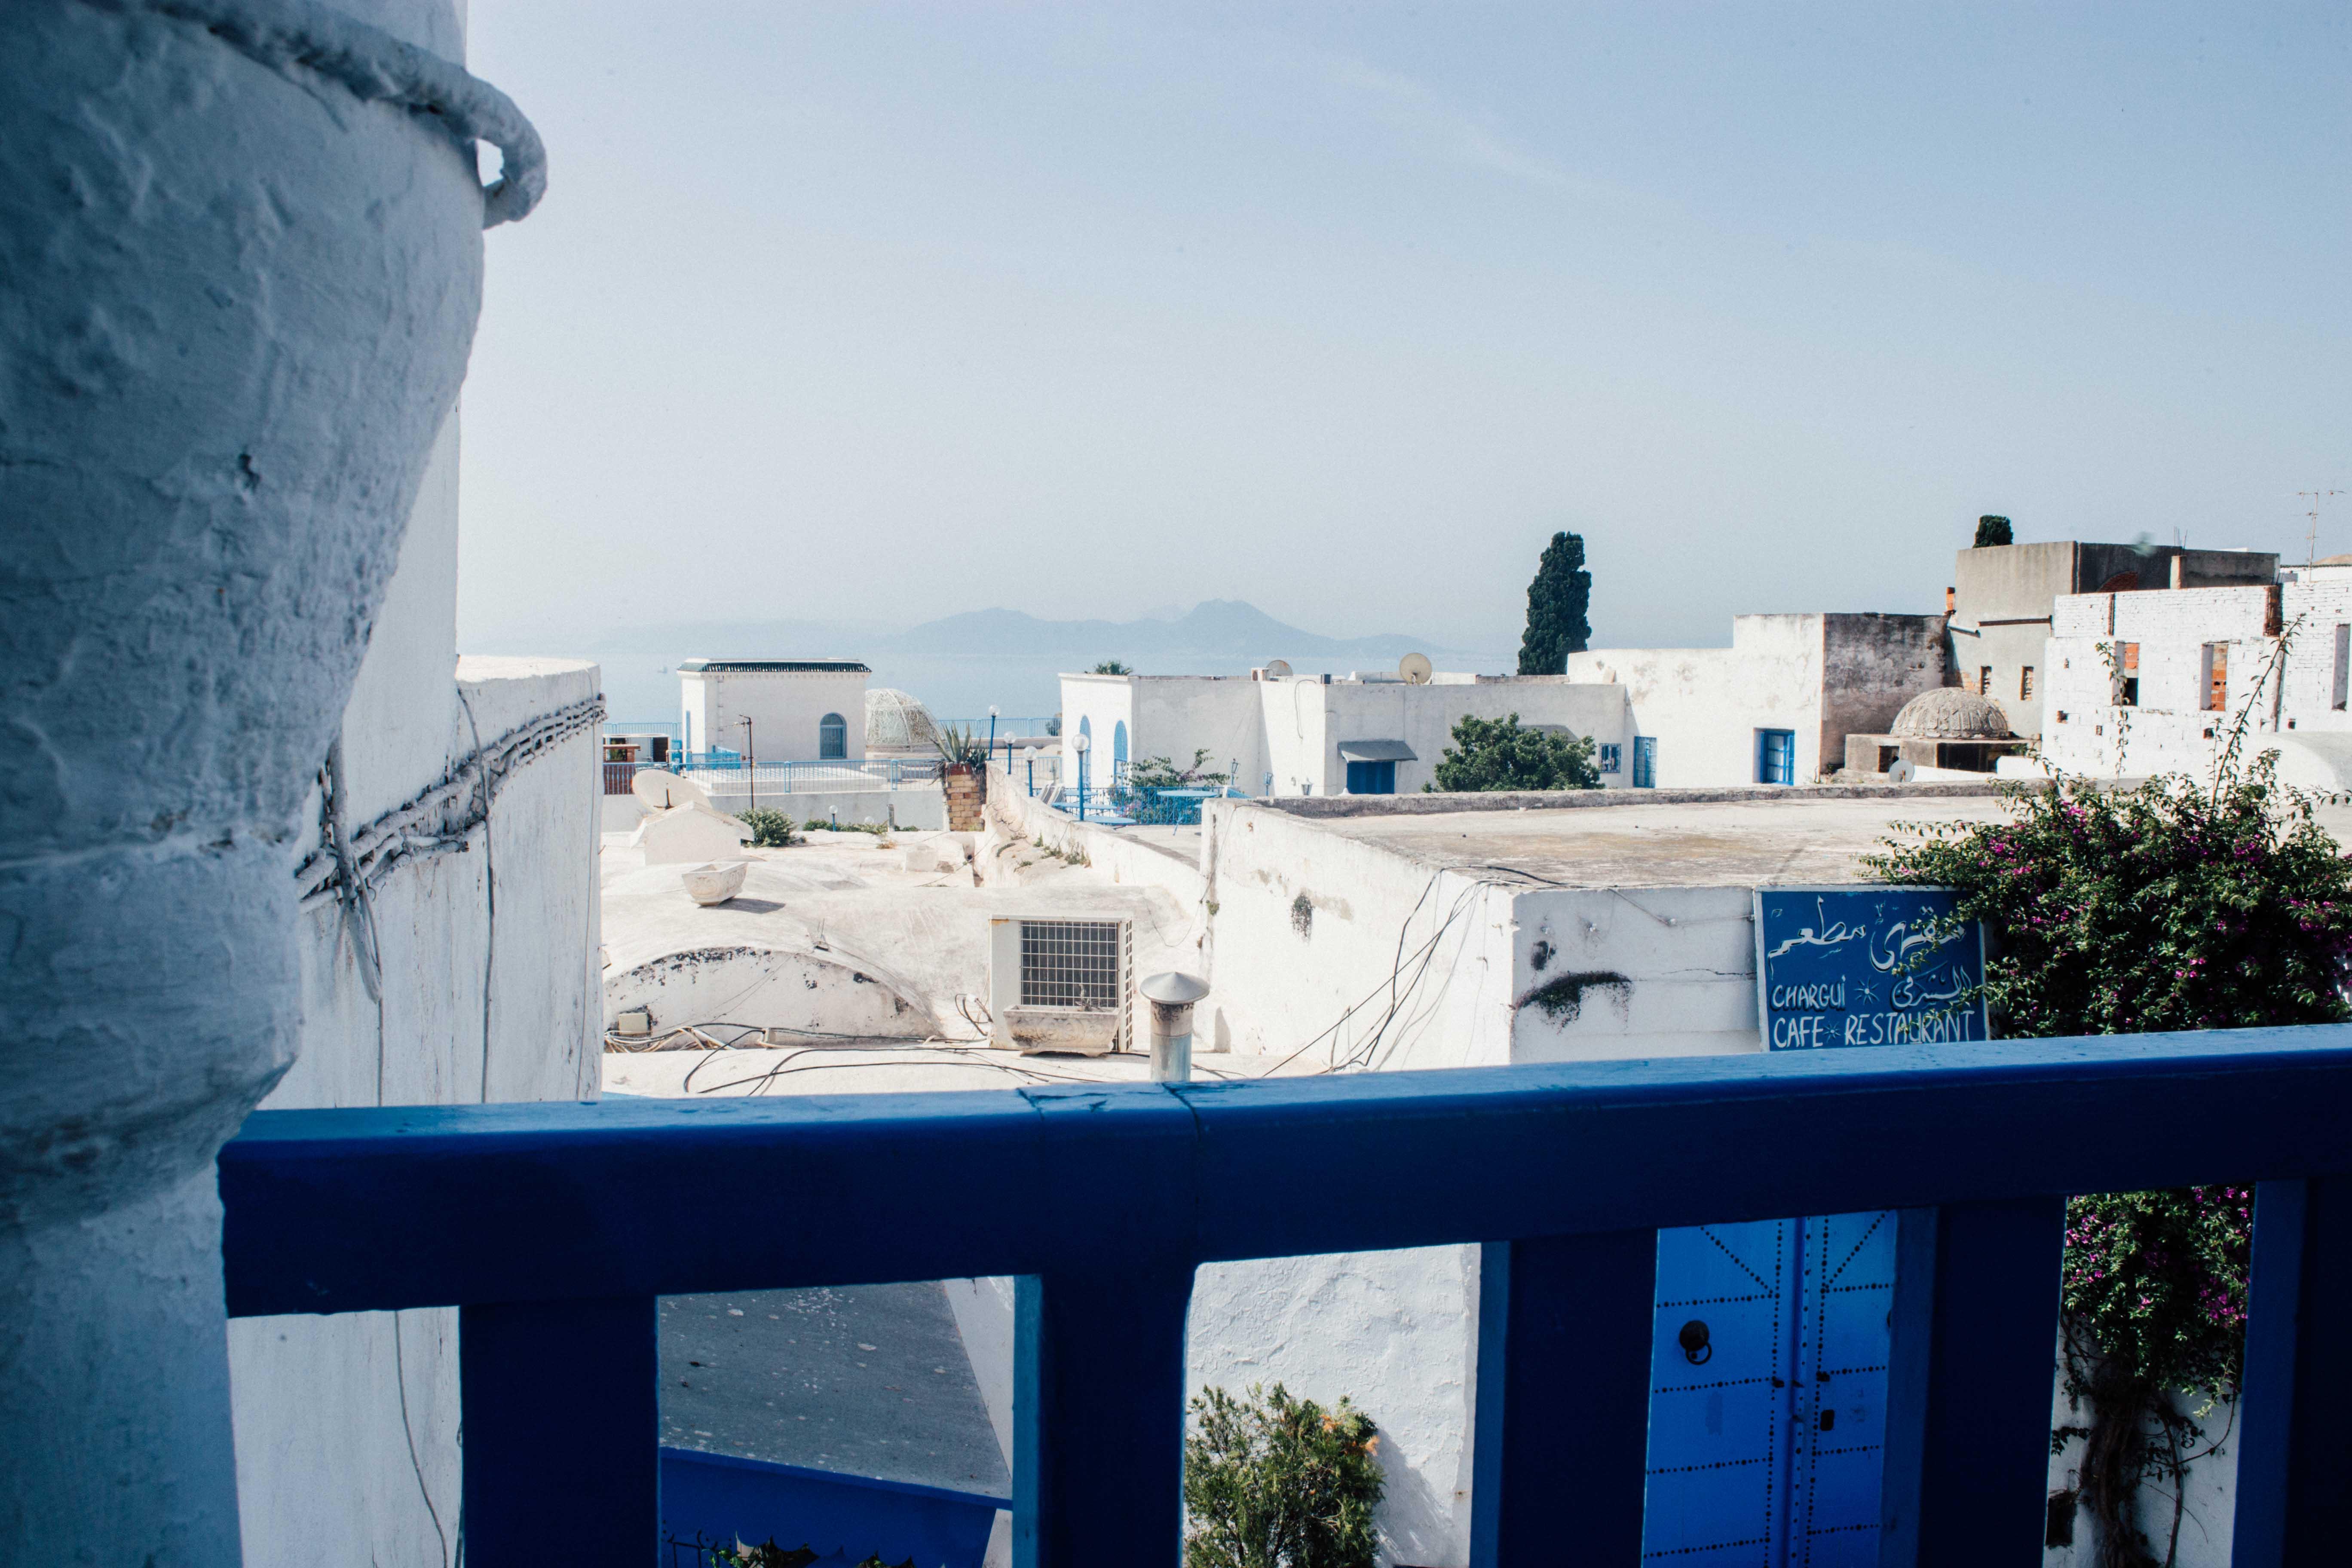 lucie_sassiat-engagement-tunisie-sidi_bou_said-leblogdemadamec.fr-6